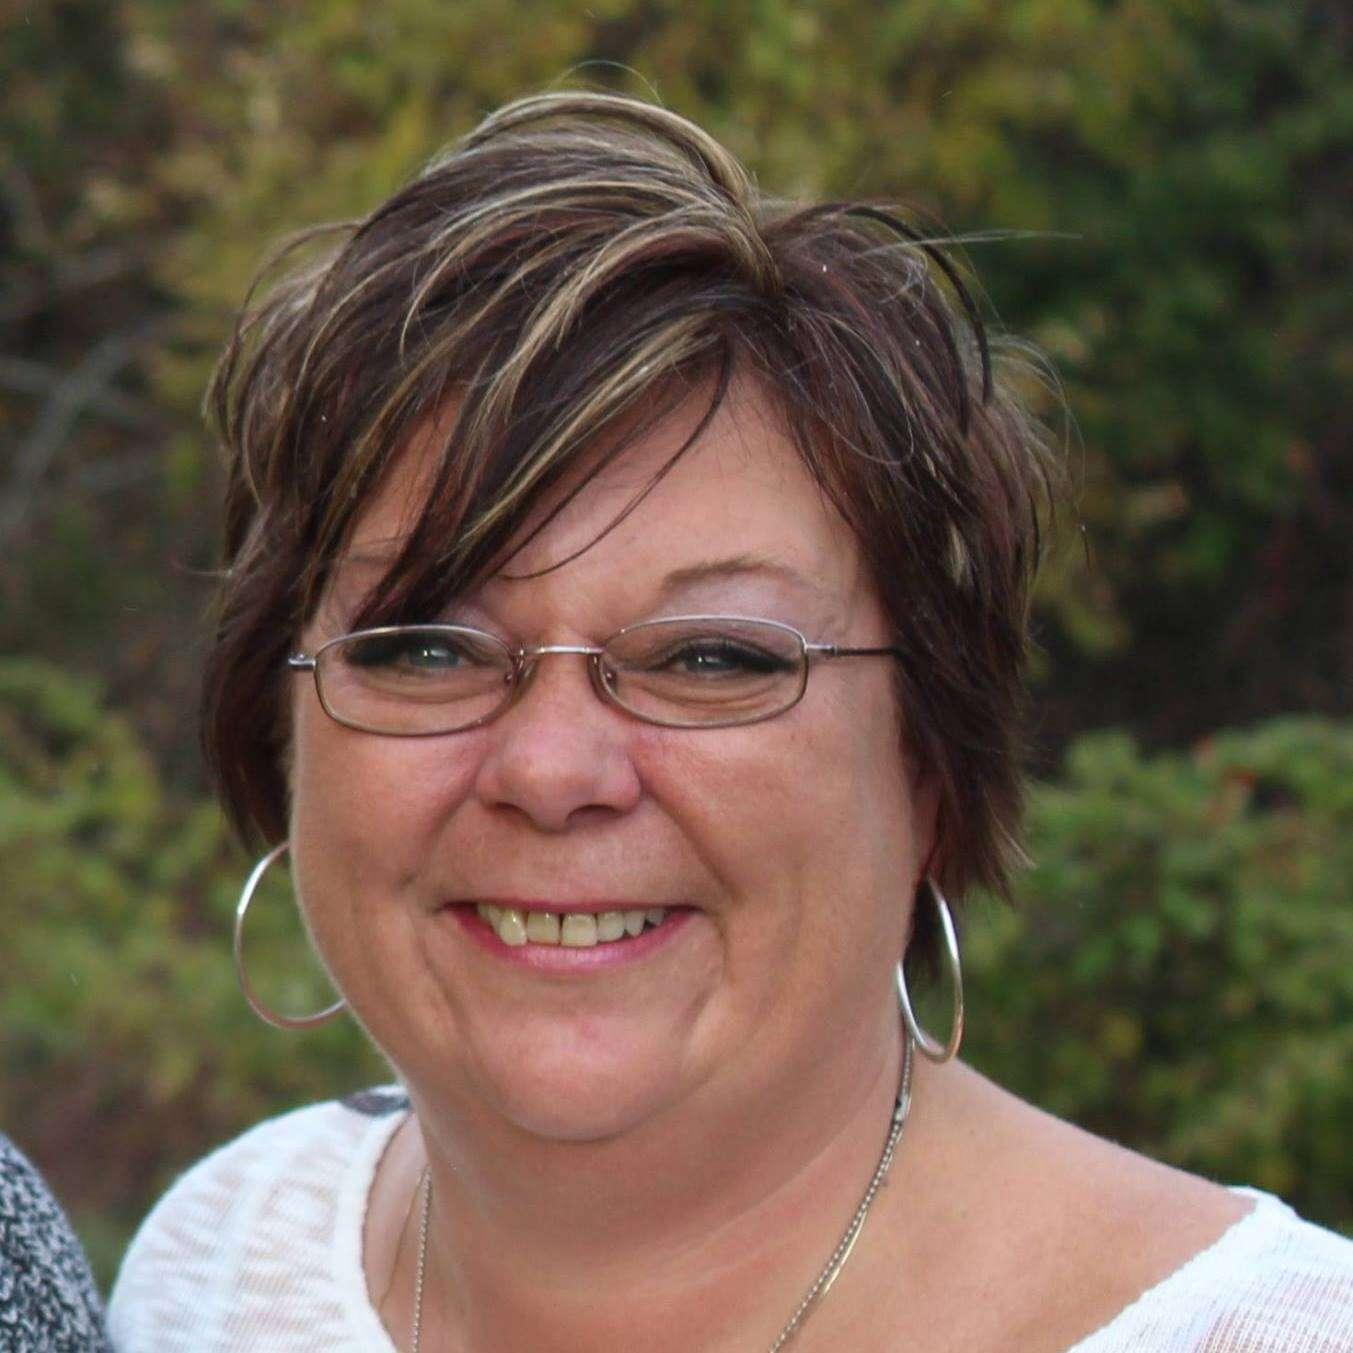 Tammie Ledlie